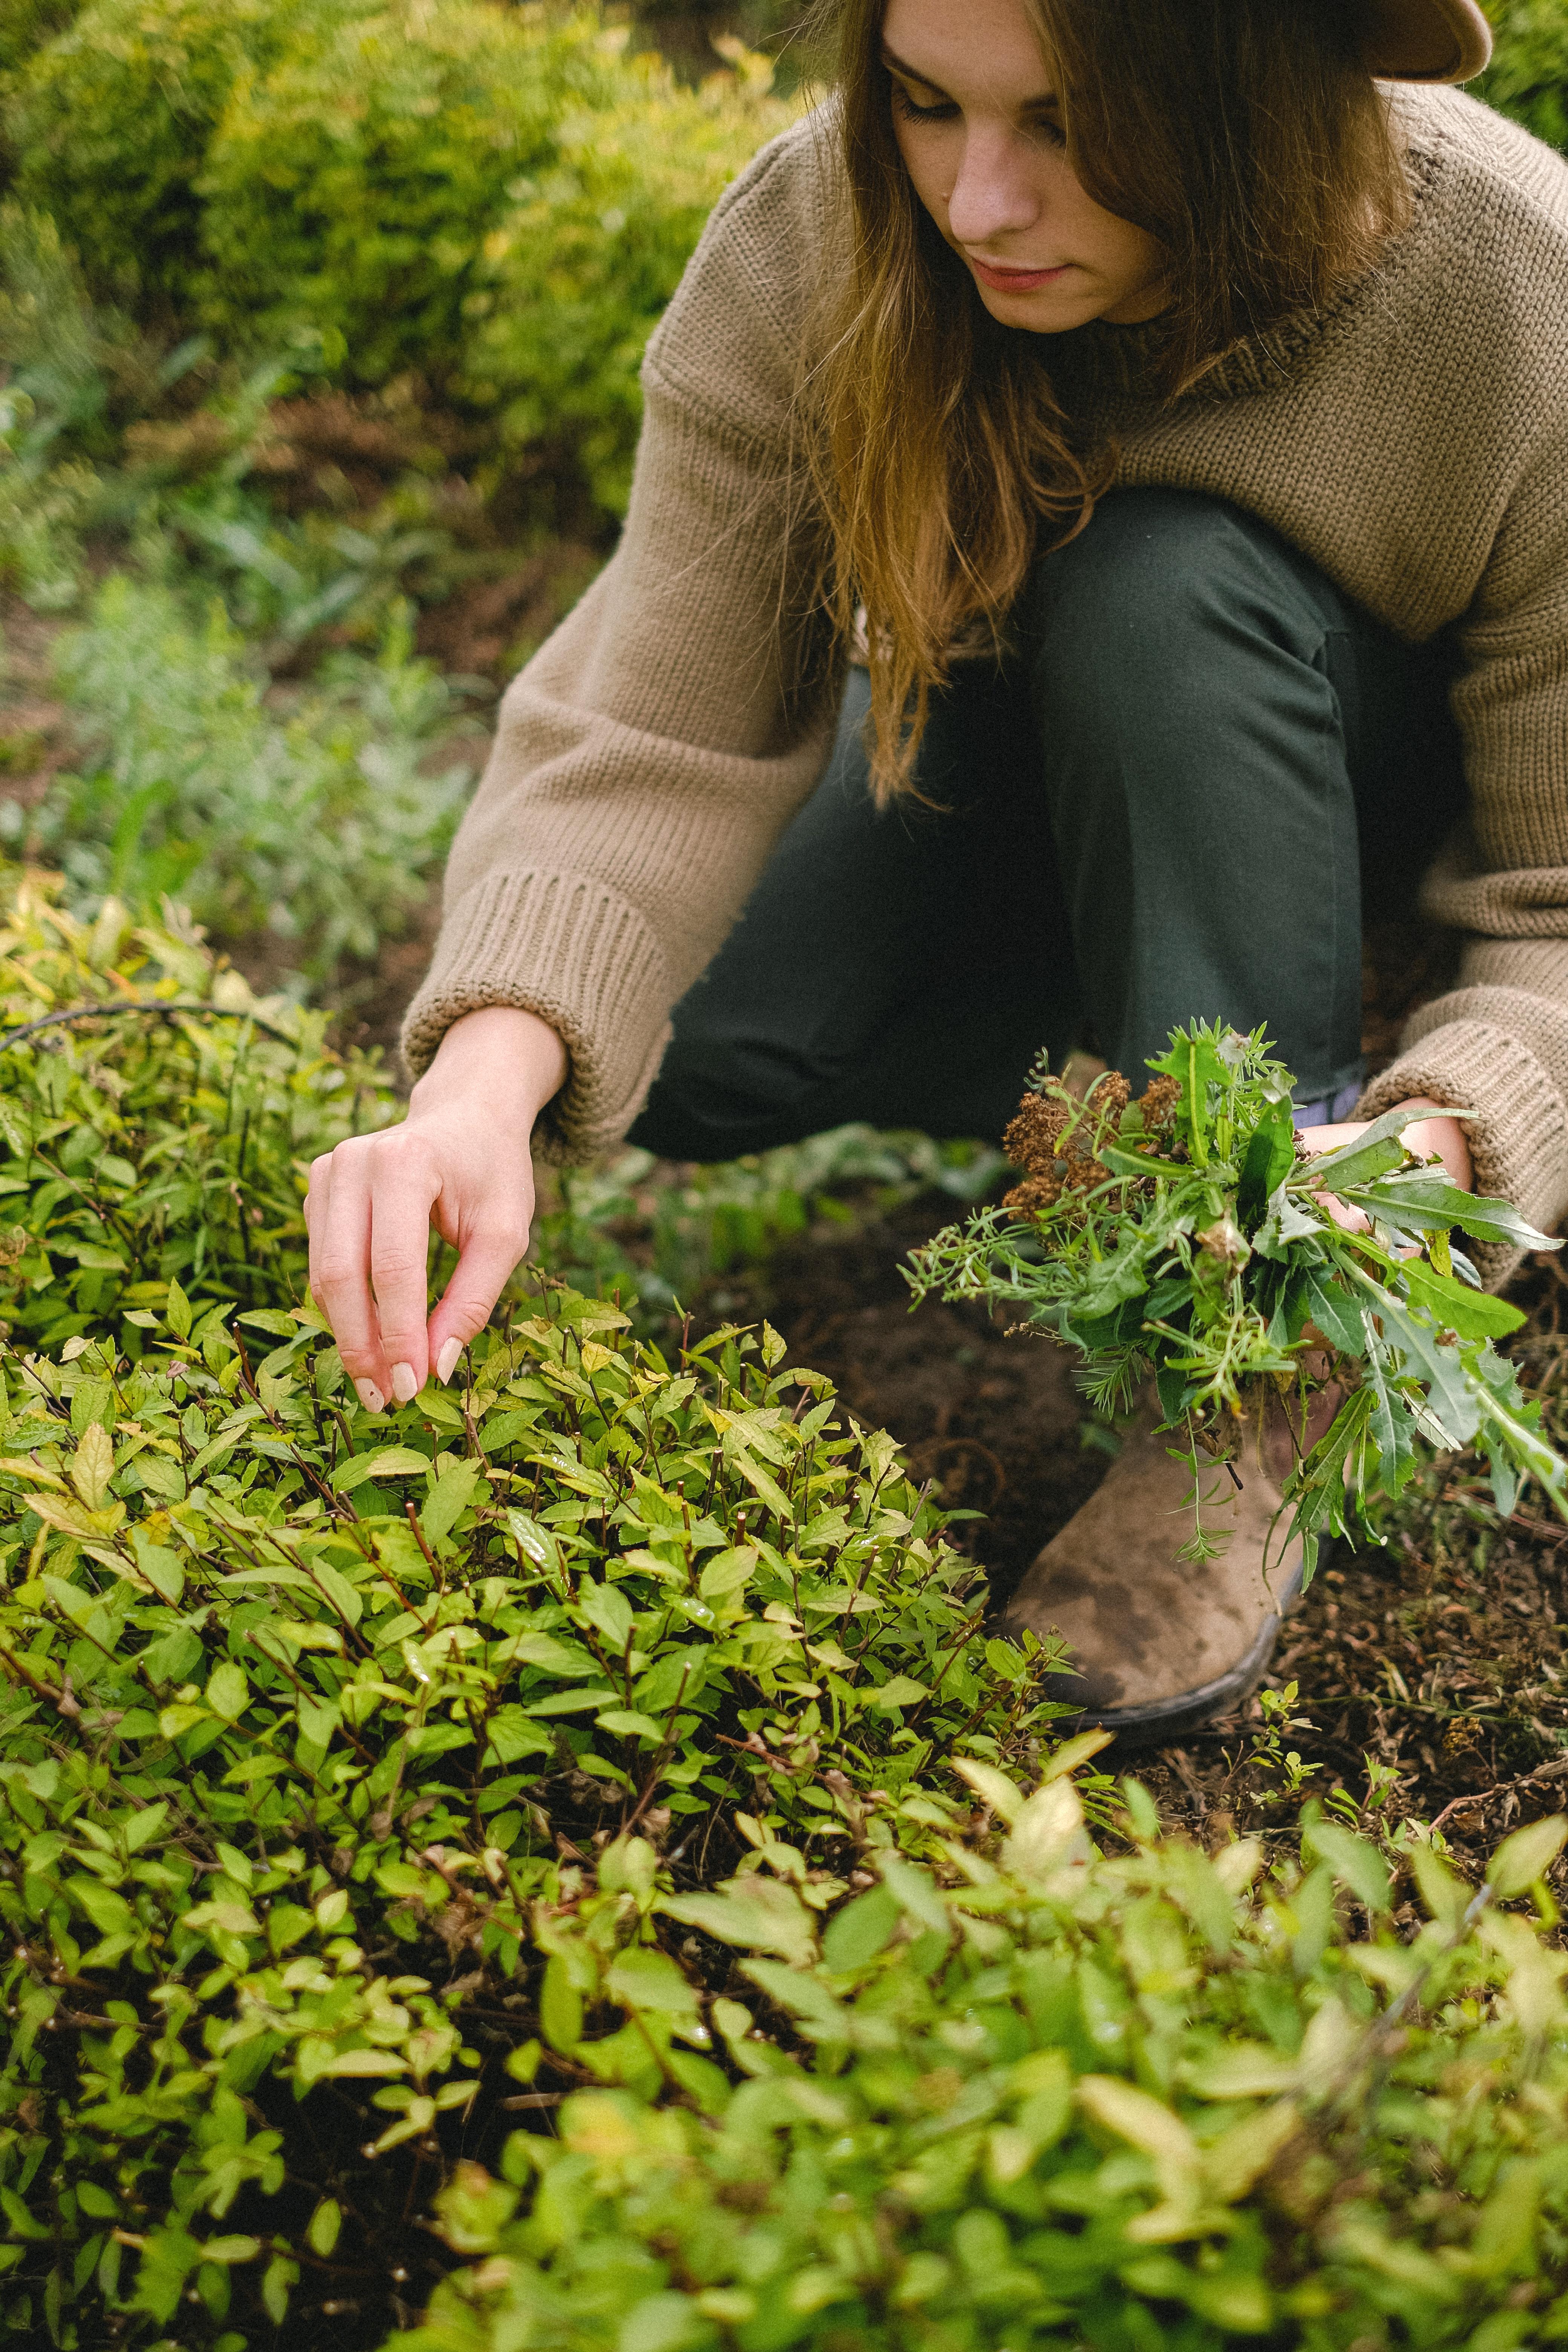 पौधों के साथ समय गुजार कर तो देखें